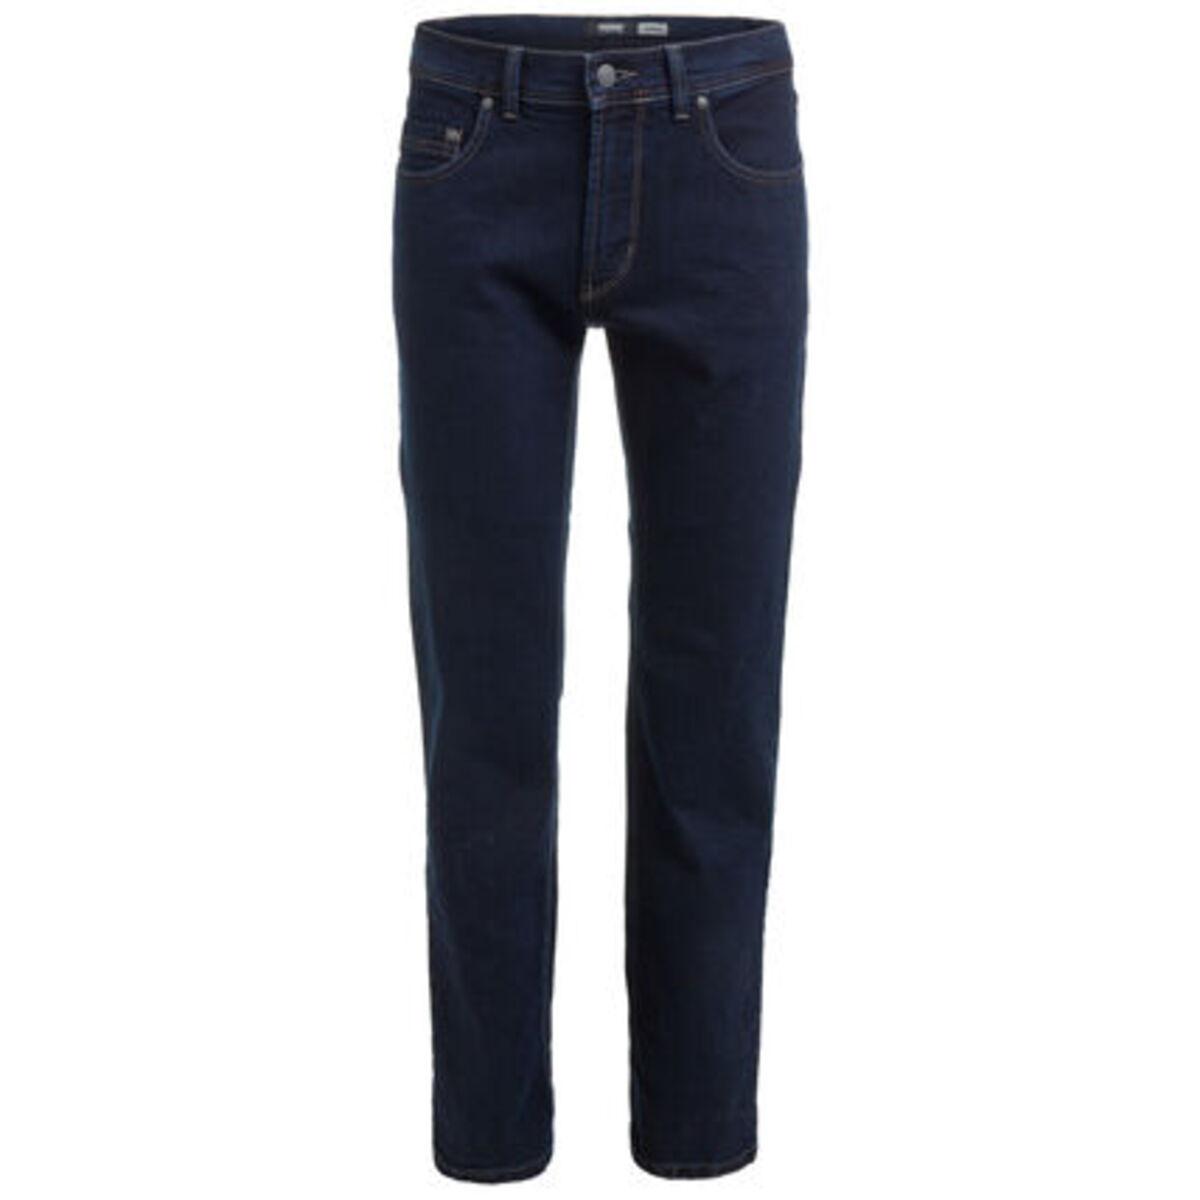 Bild 1 von Pioneer 5-Pocket-Jeans, Regular Fit, für Herren